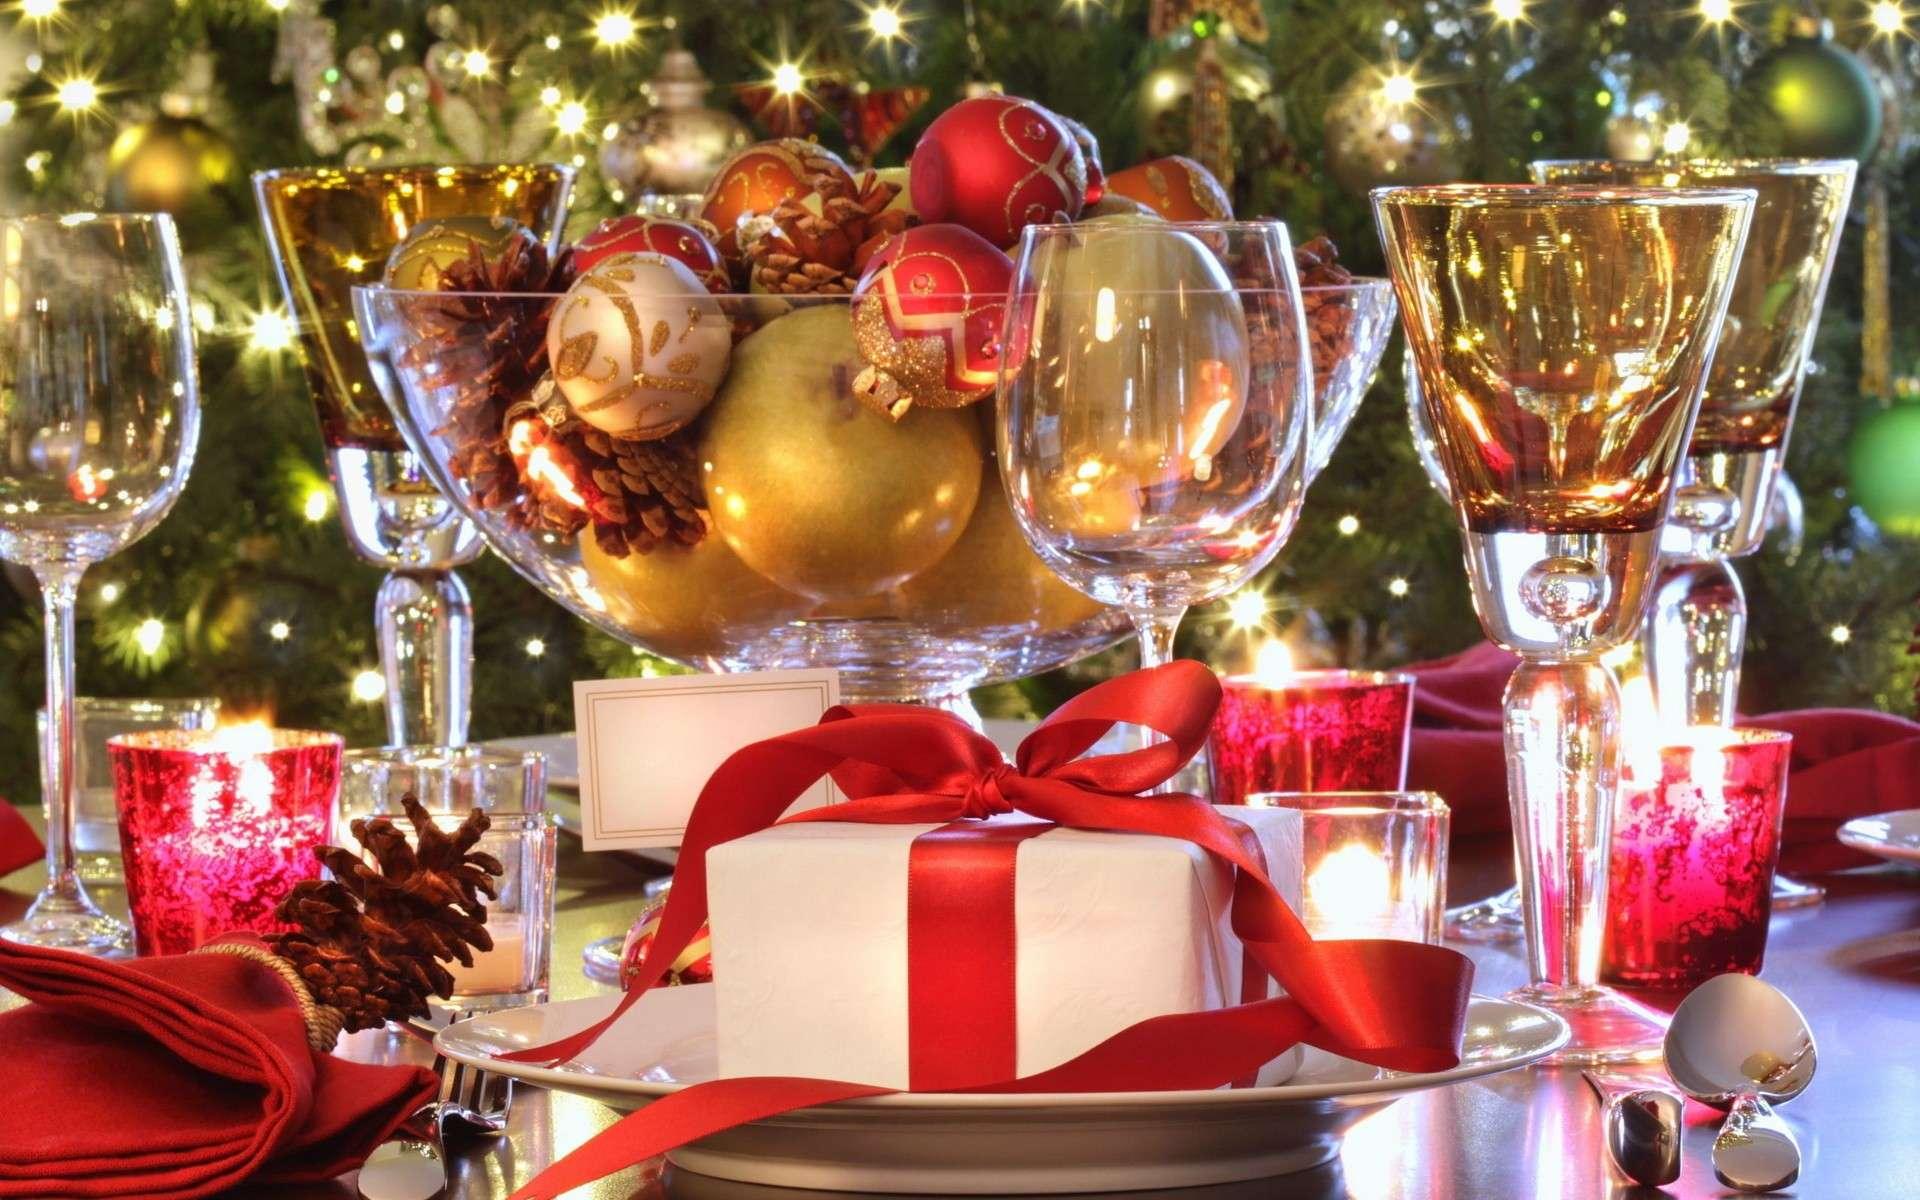 Gli errori da evitare per salvare il pranzo di Natale